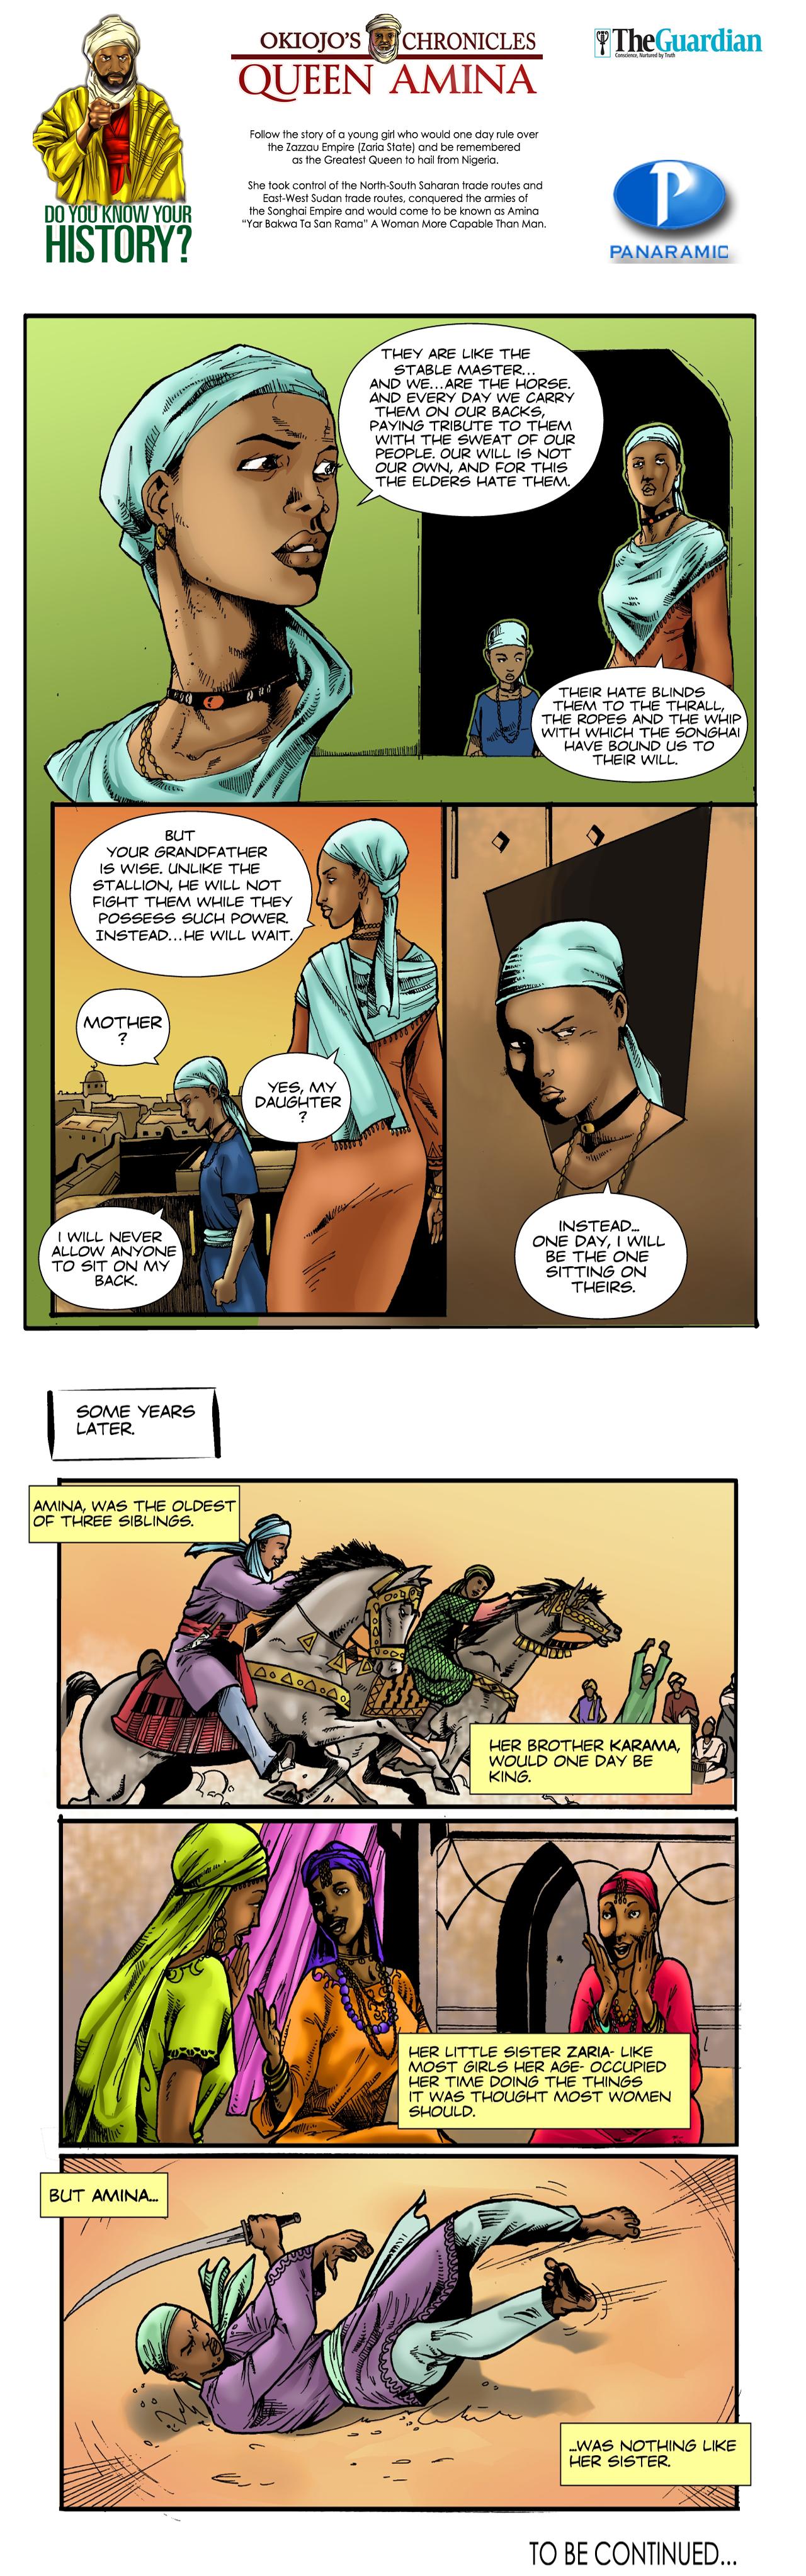 Queen Amina (Part 1) - 6 (1)